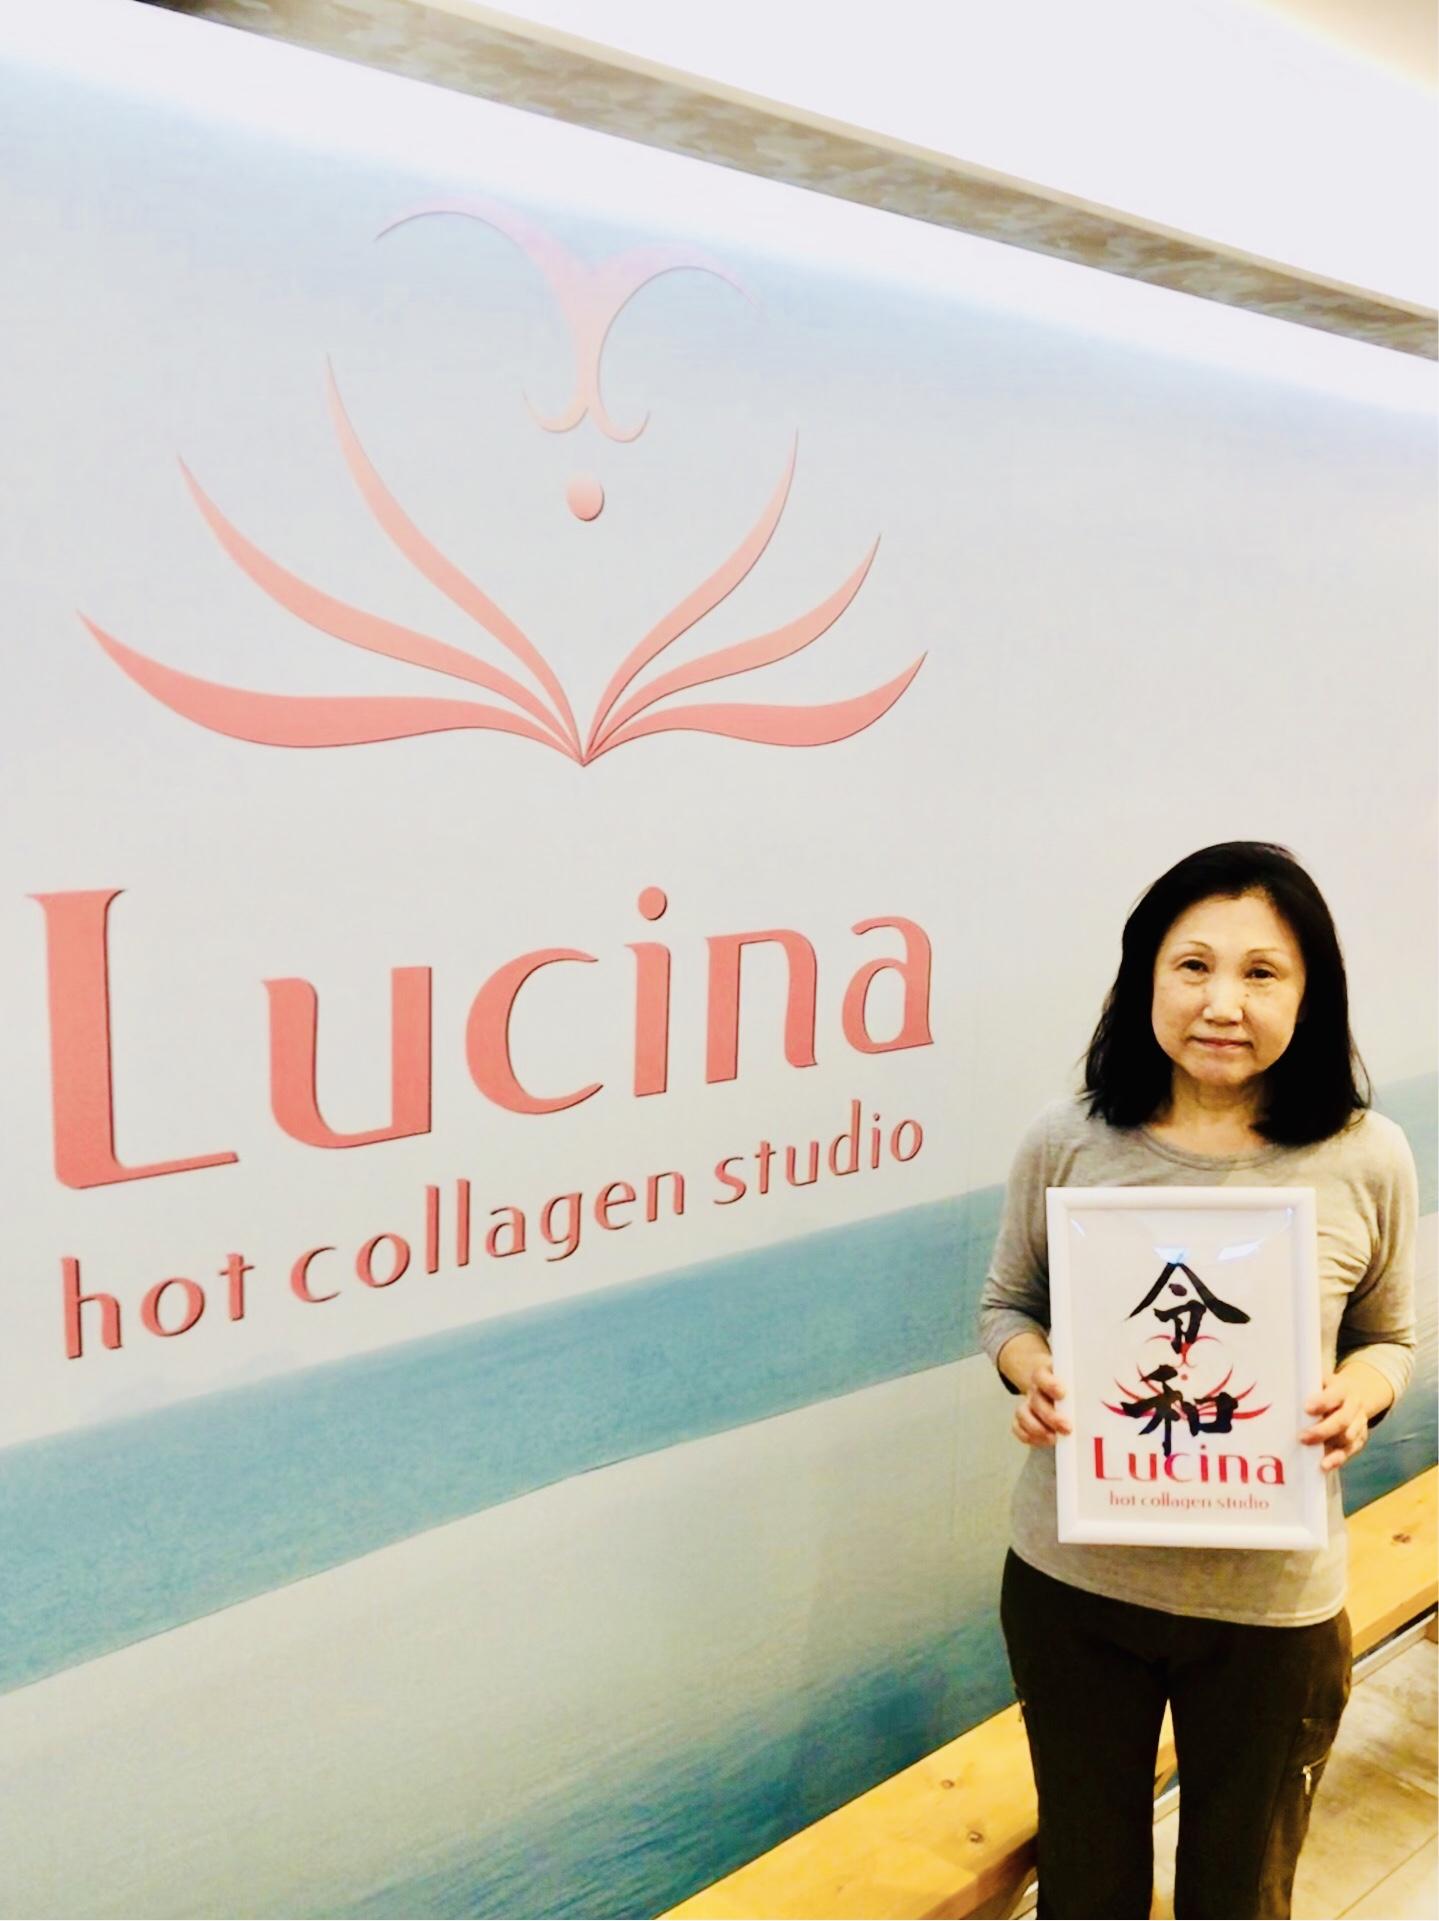 改元記念『令和』EVENT⑥ in Lucina